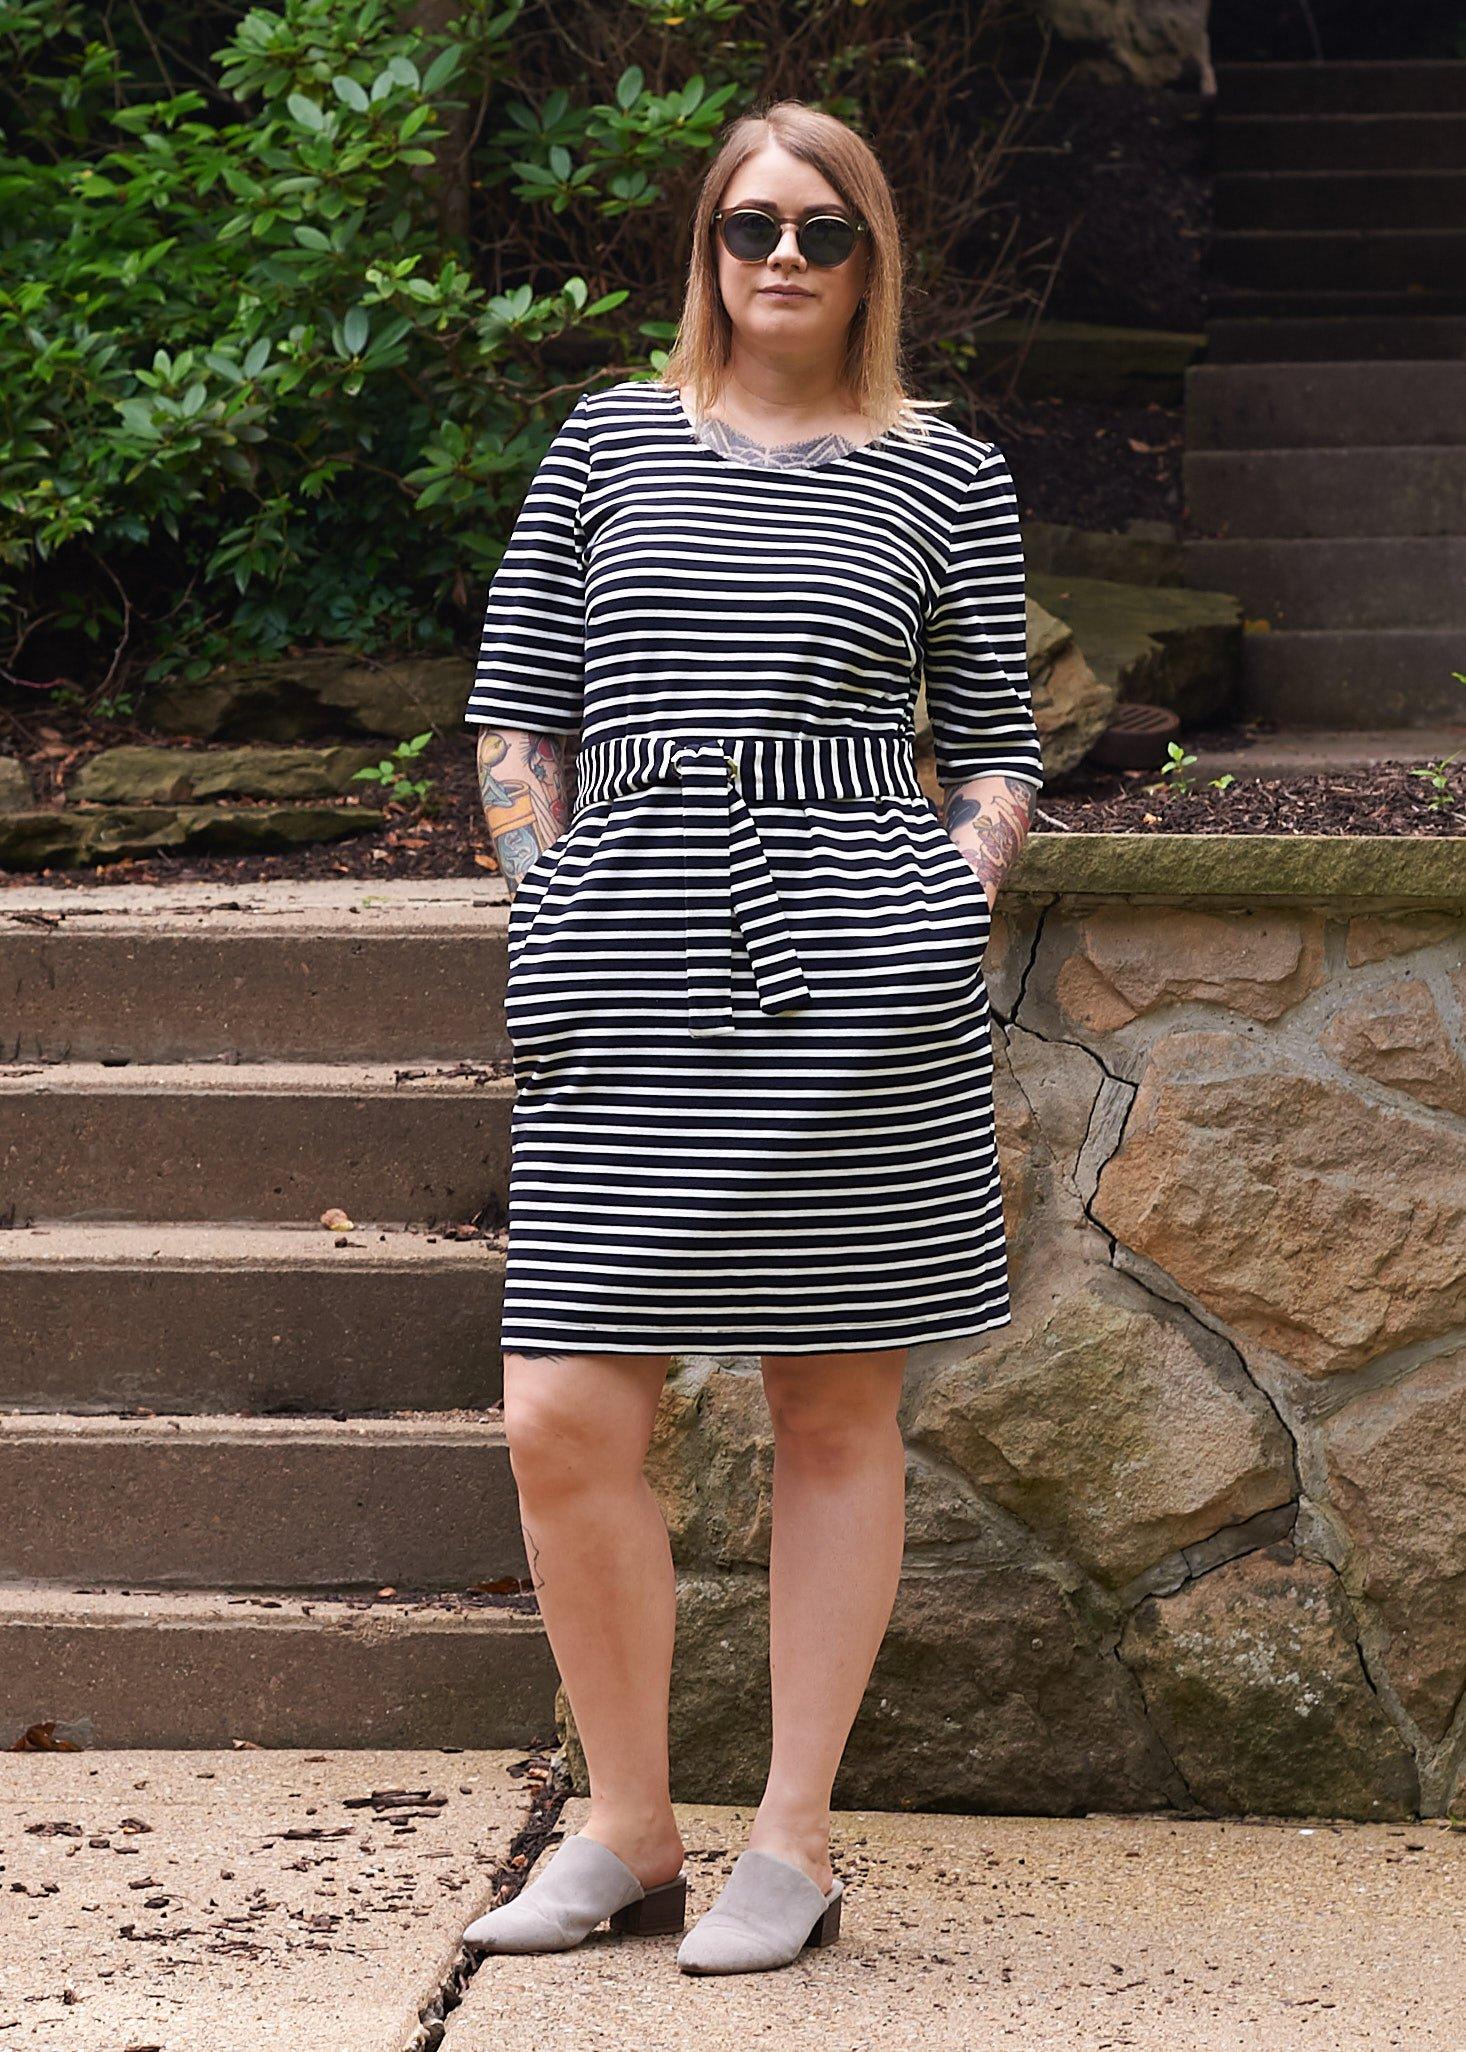 Marne wearing striped dress